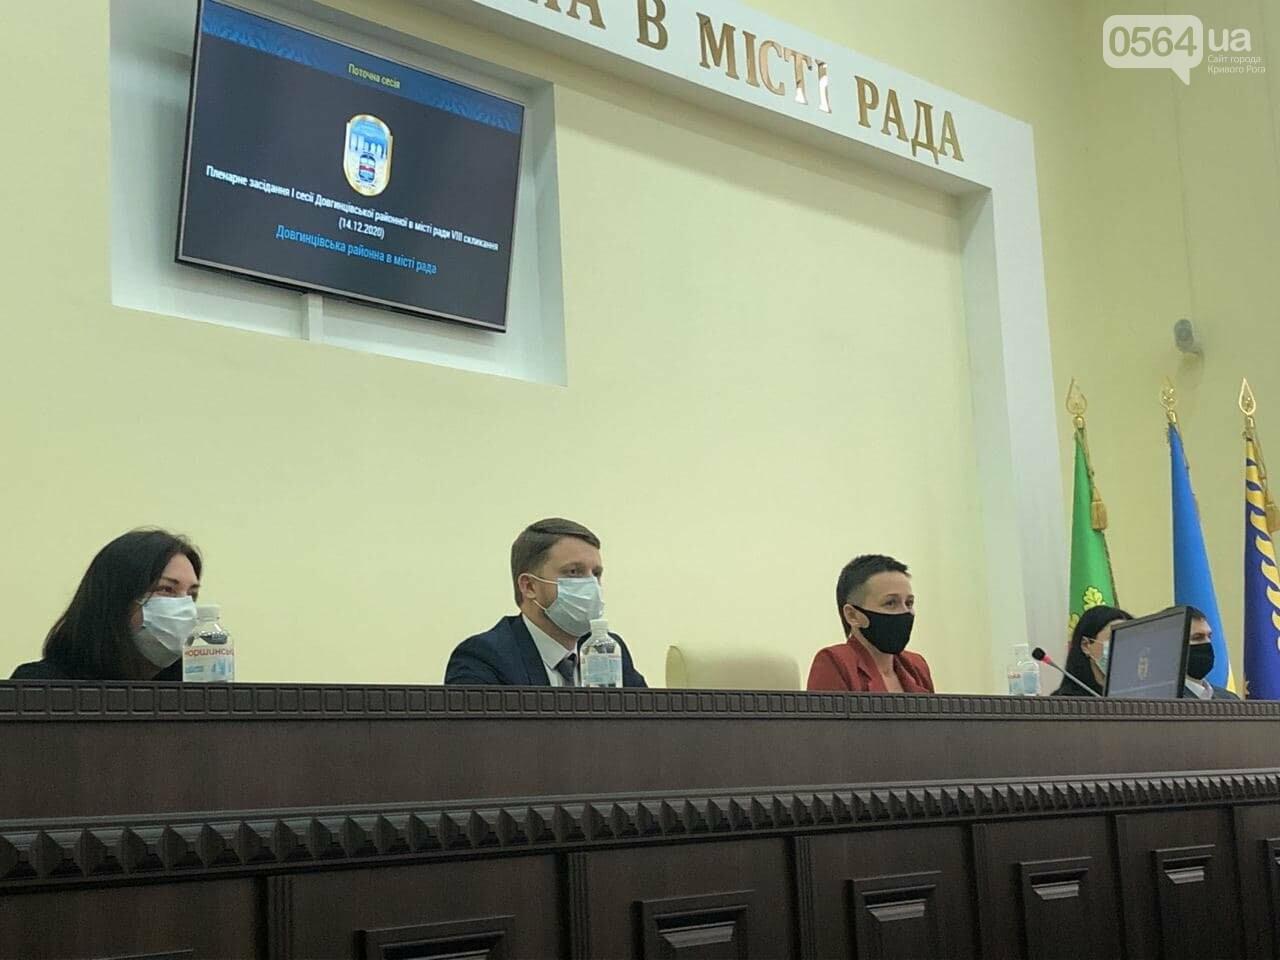 Стало известно, кому Игорь Ратинов передал власть в Долгинцевском райсовете, - ФОТО , фото-2